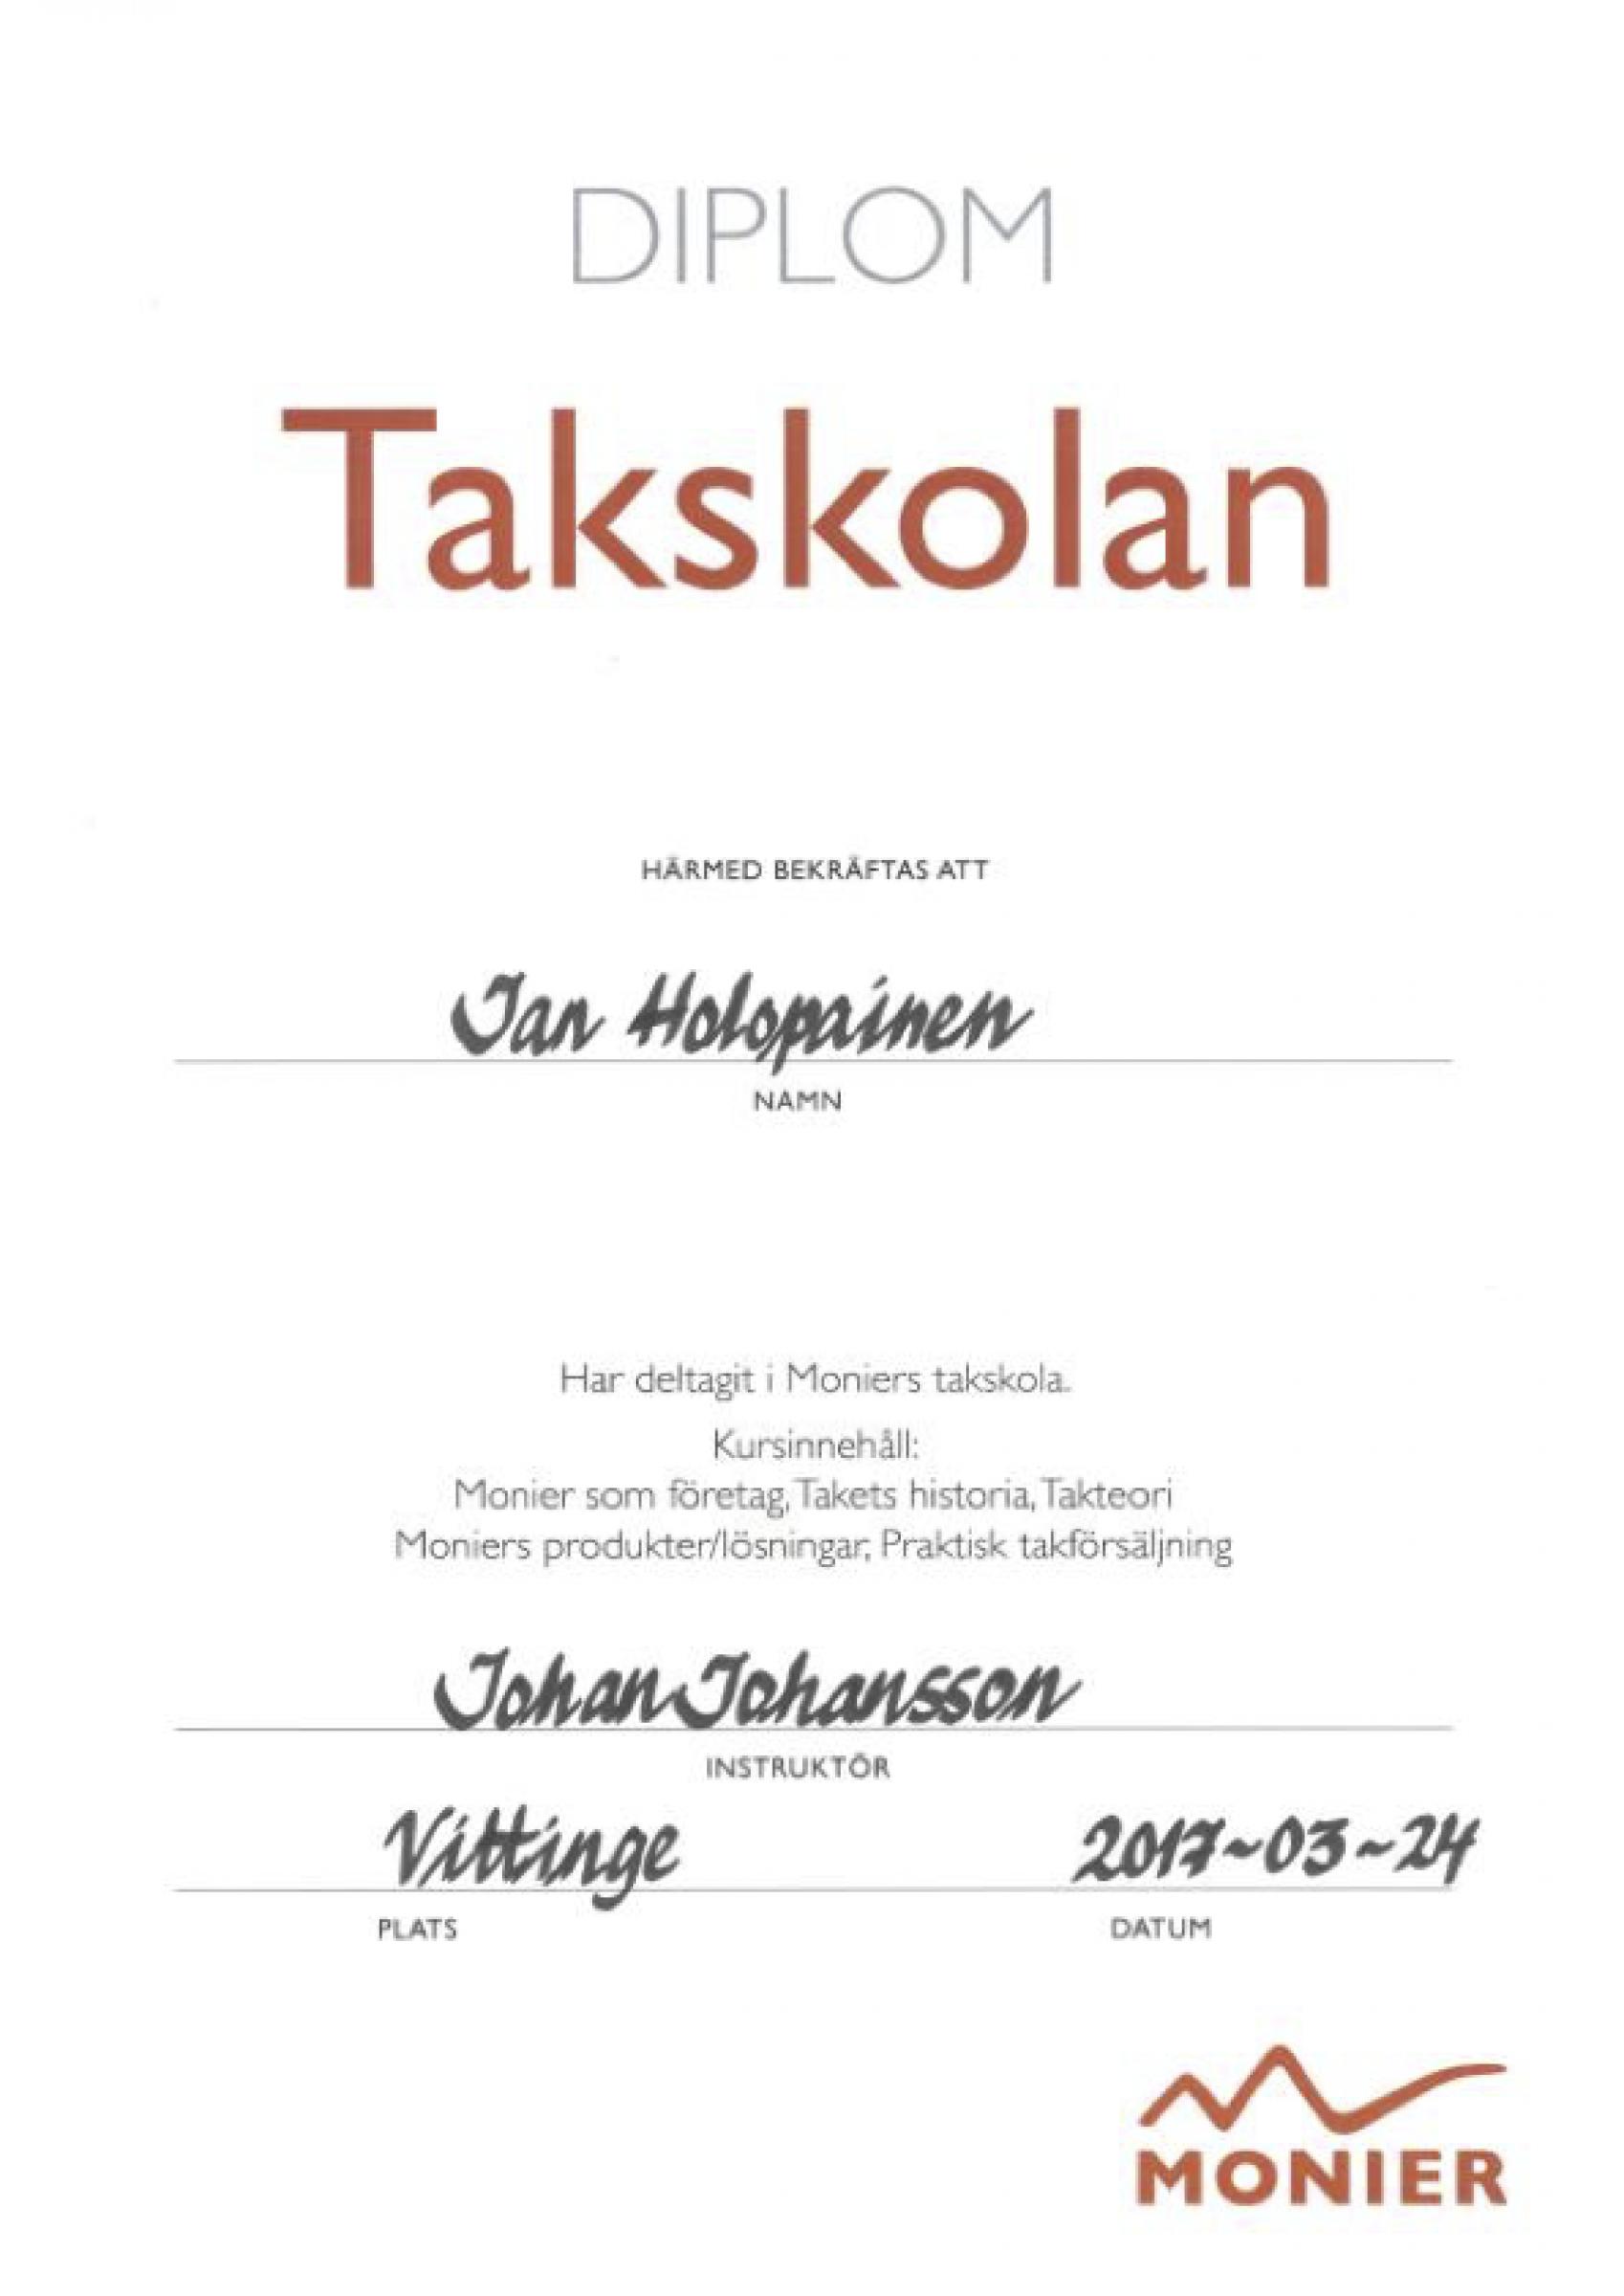 Våra certifikat och diplom